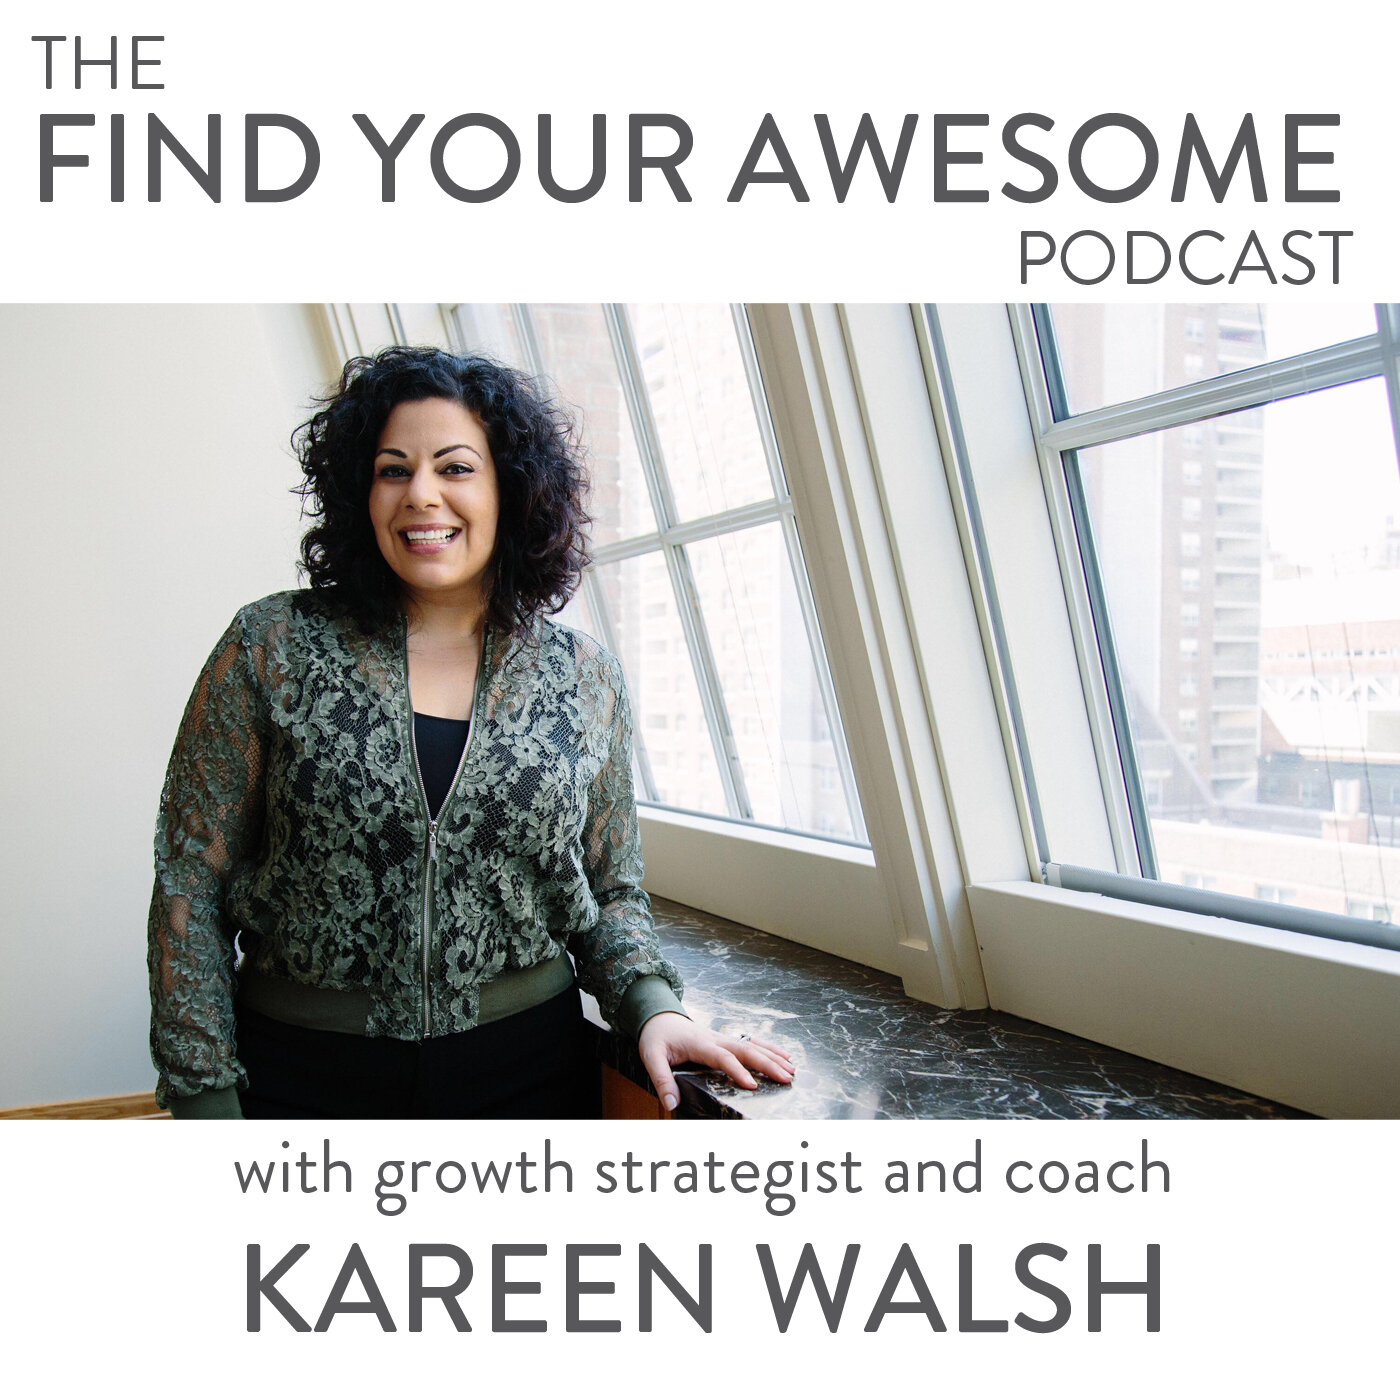 KareenWalsh_podcast_coverart.jpg